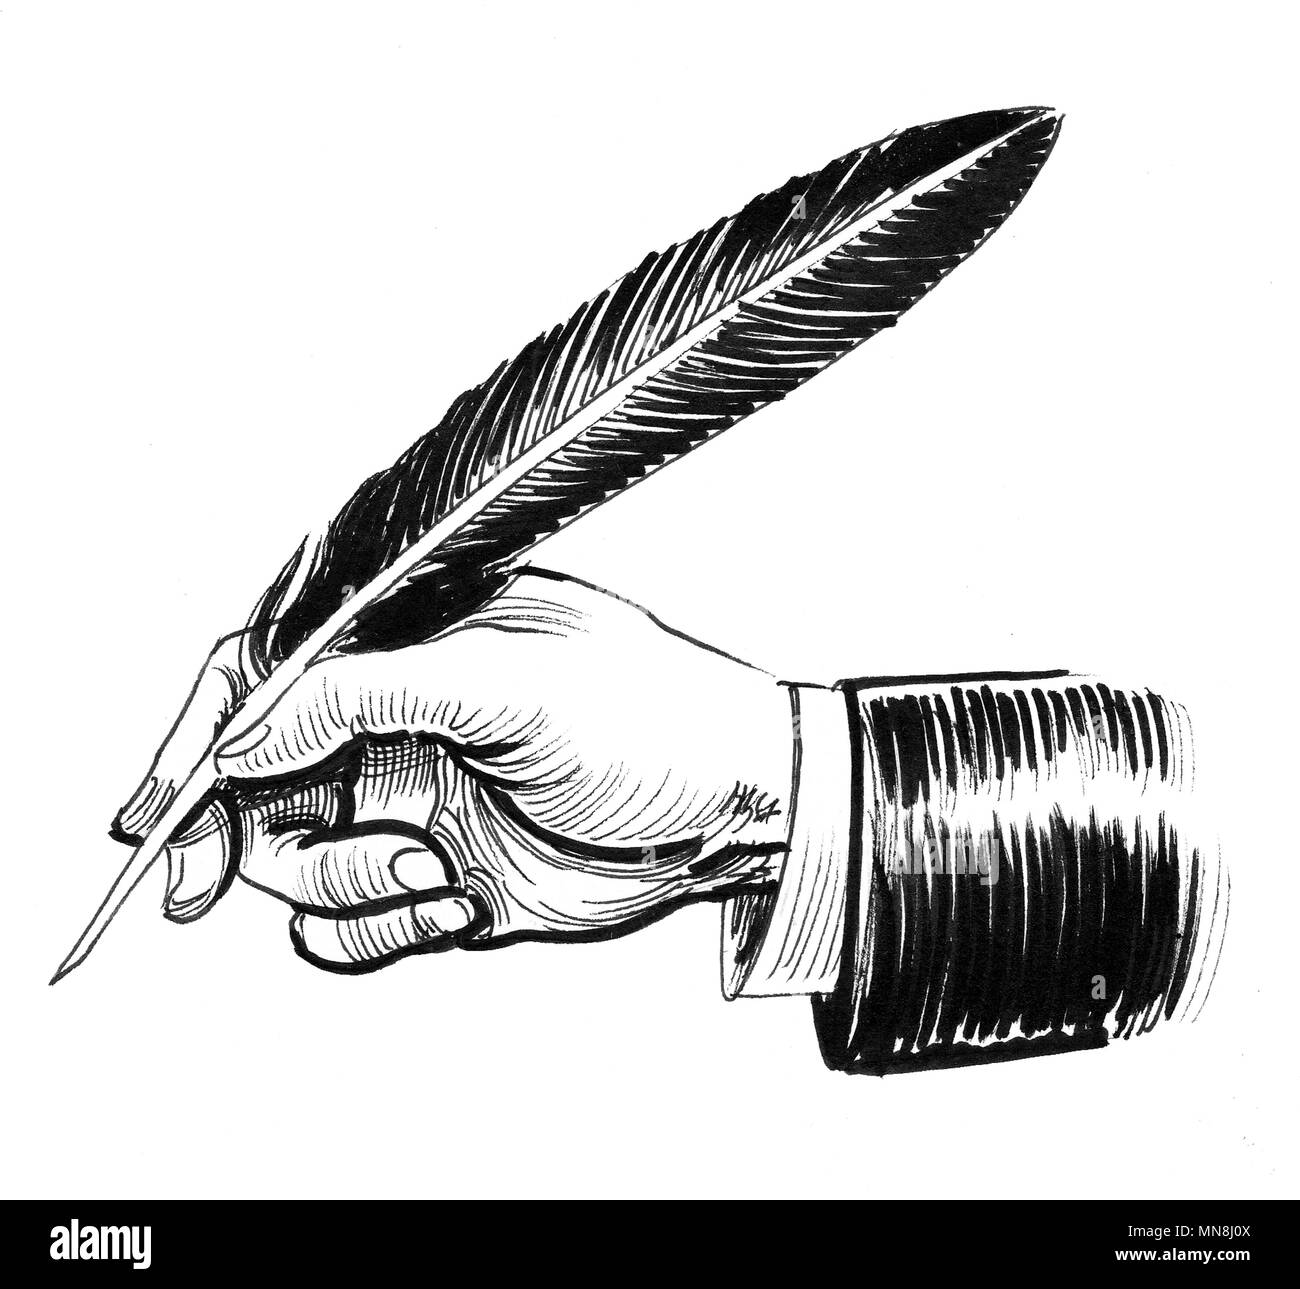 La Escritura A Mano Con Una Tapa Dibujo En Blanco Y Negro De Tinta